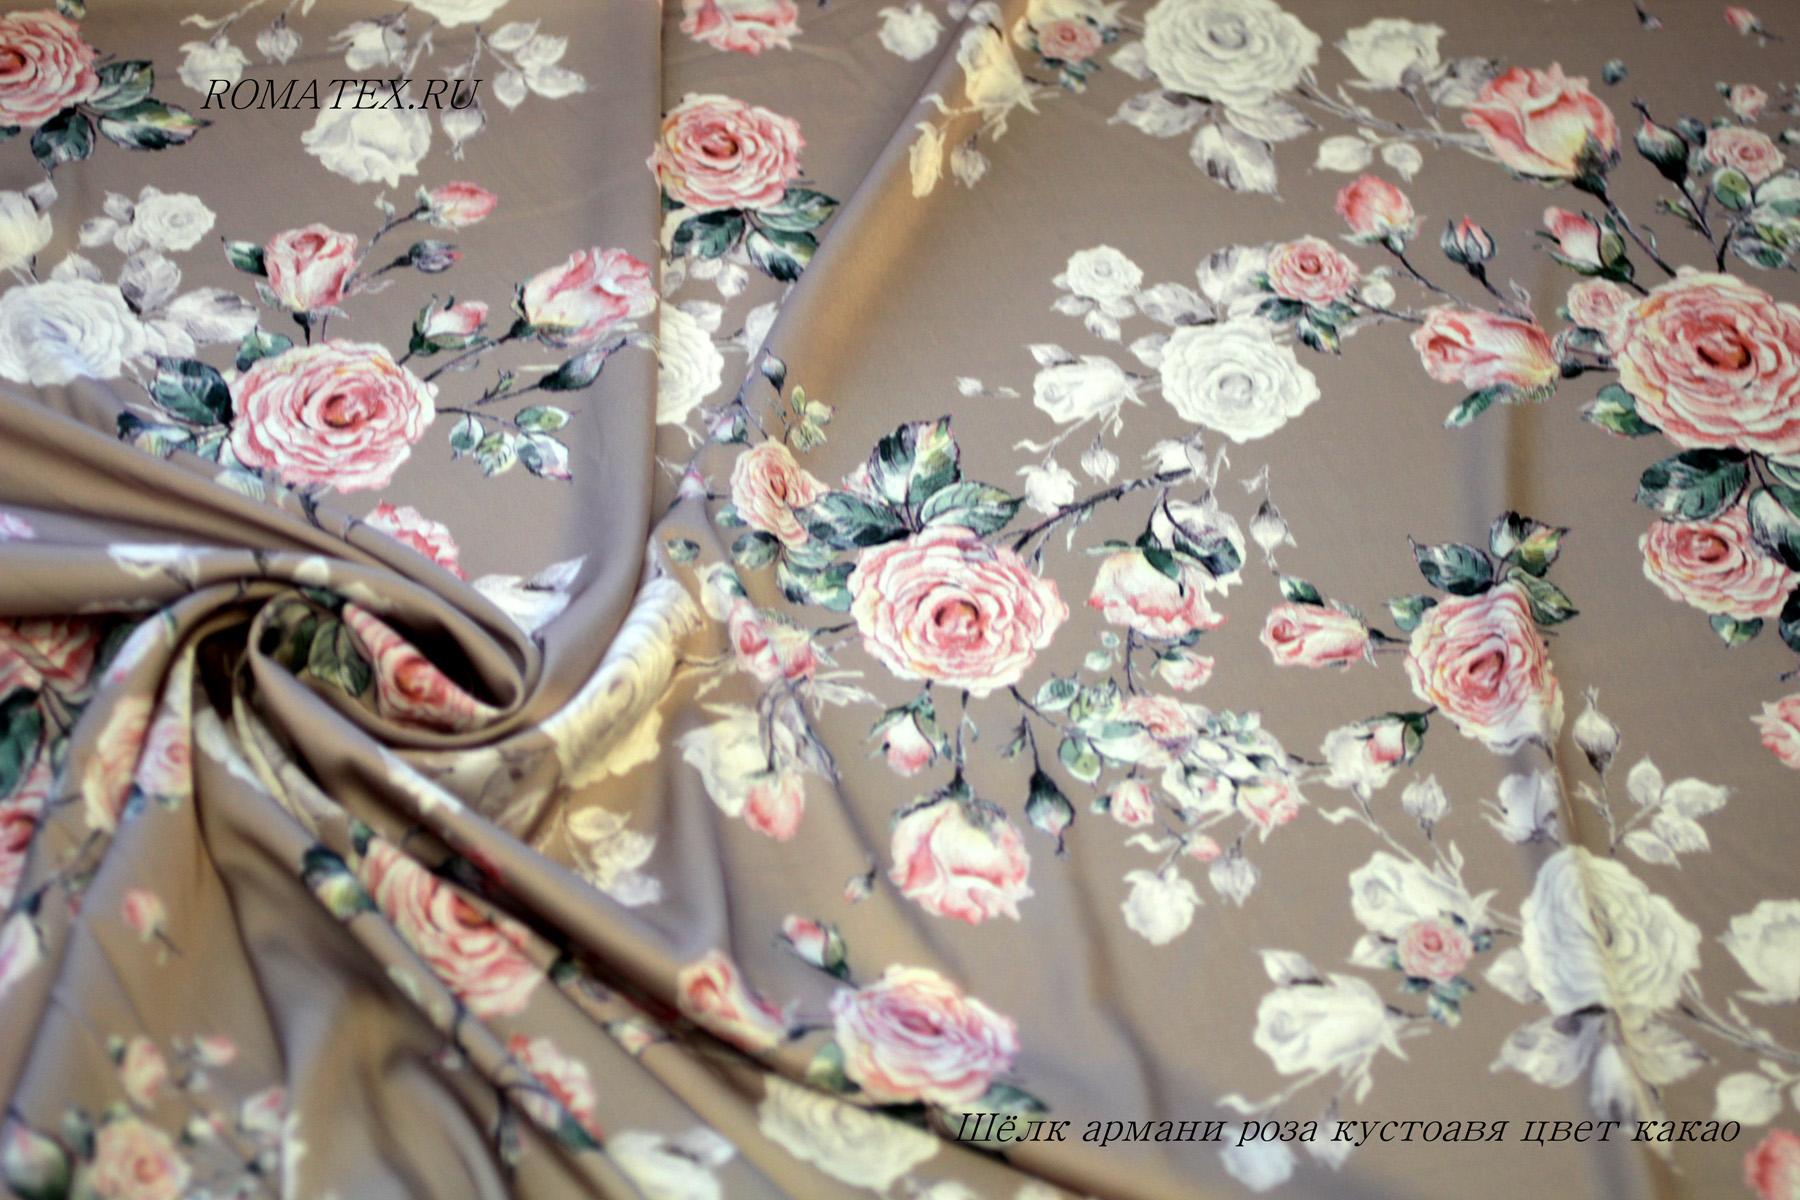 Армани шелк роза кустовая цвет какао